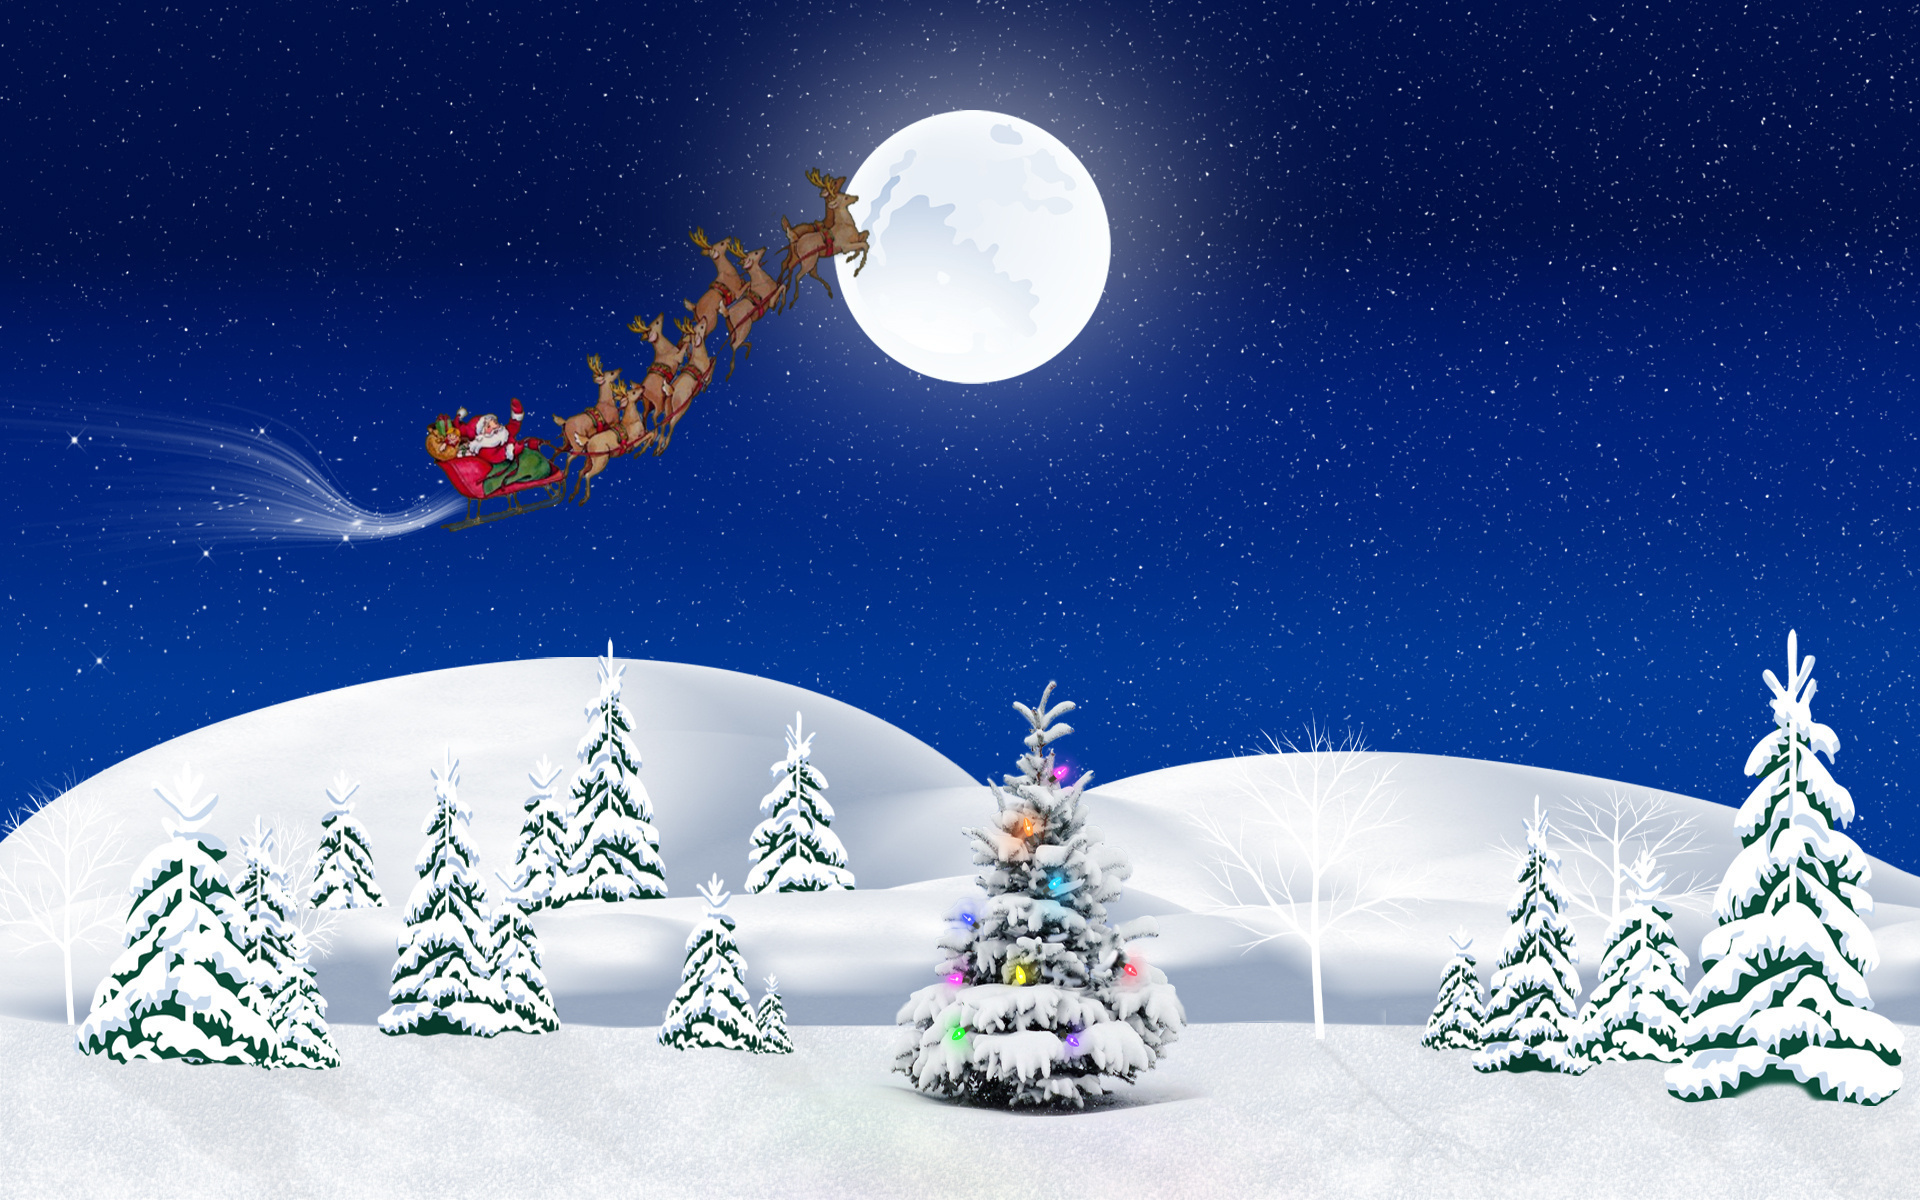 праздник поезд игрушка ель рождество новый год загрузить